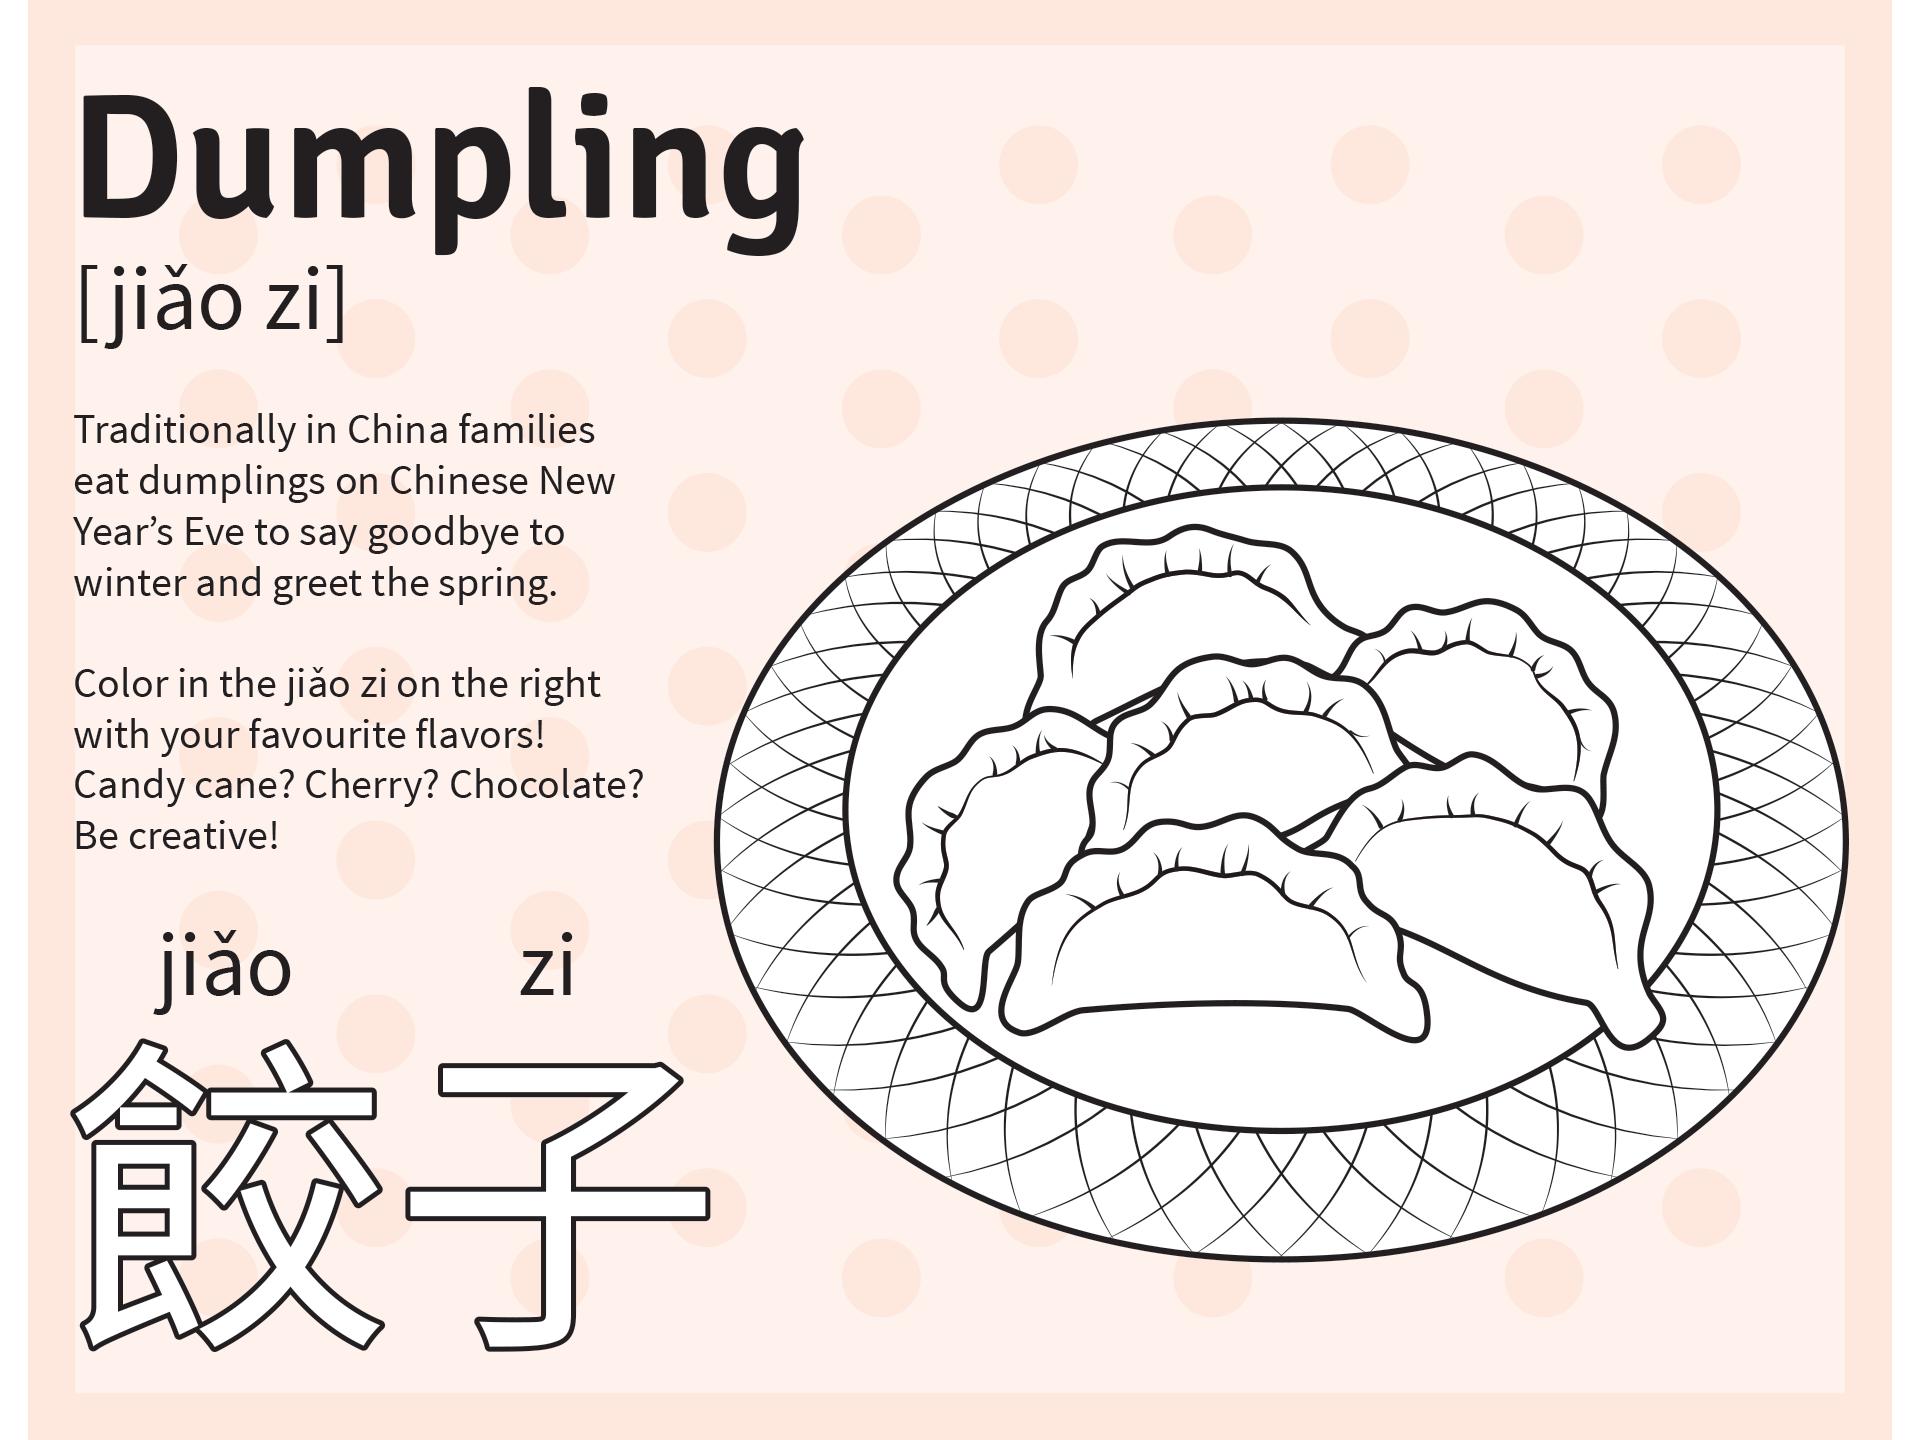 Printable Activity Sheet 8211 Dumplings Printable Activities Activity Sheets Preschool Apps [ 1440 x 1920 Pixel ]